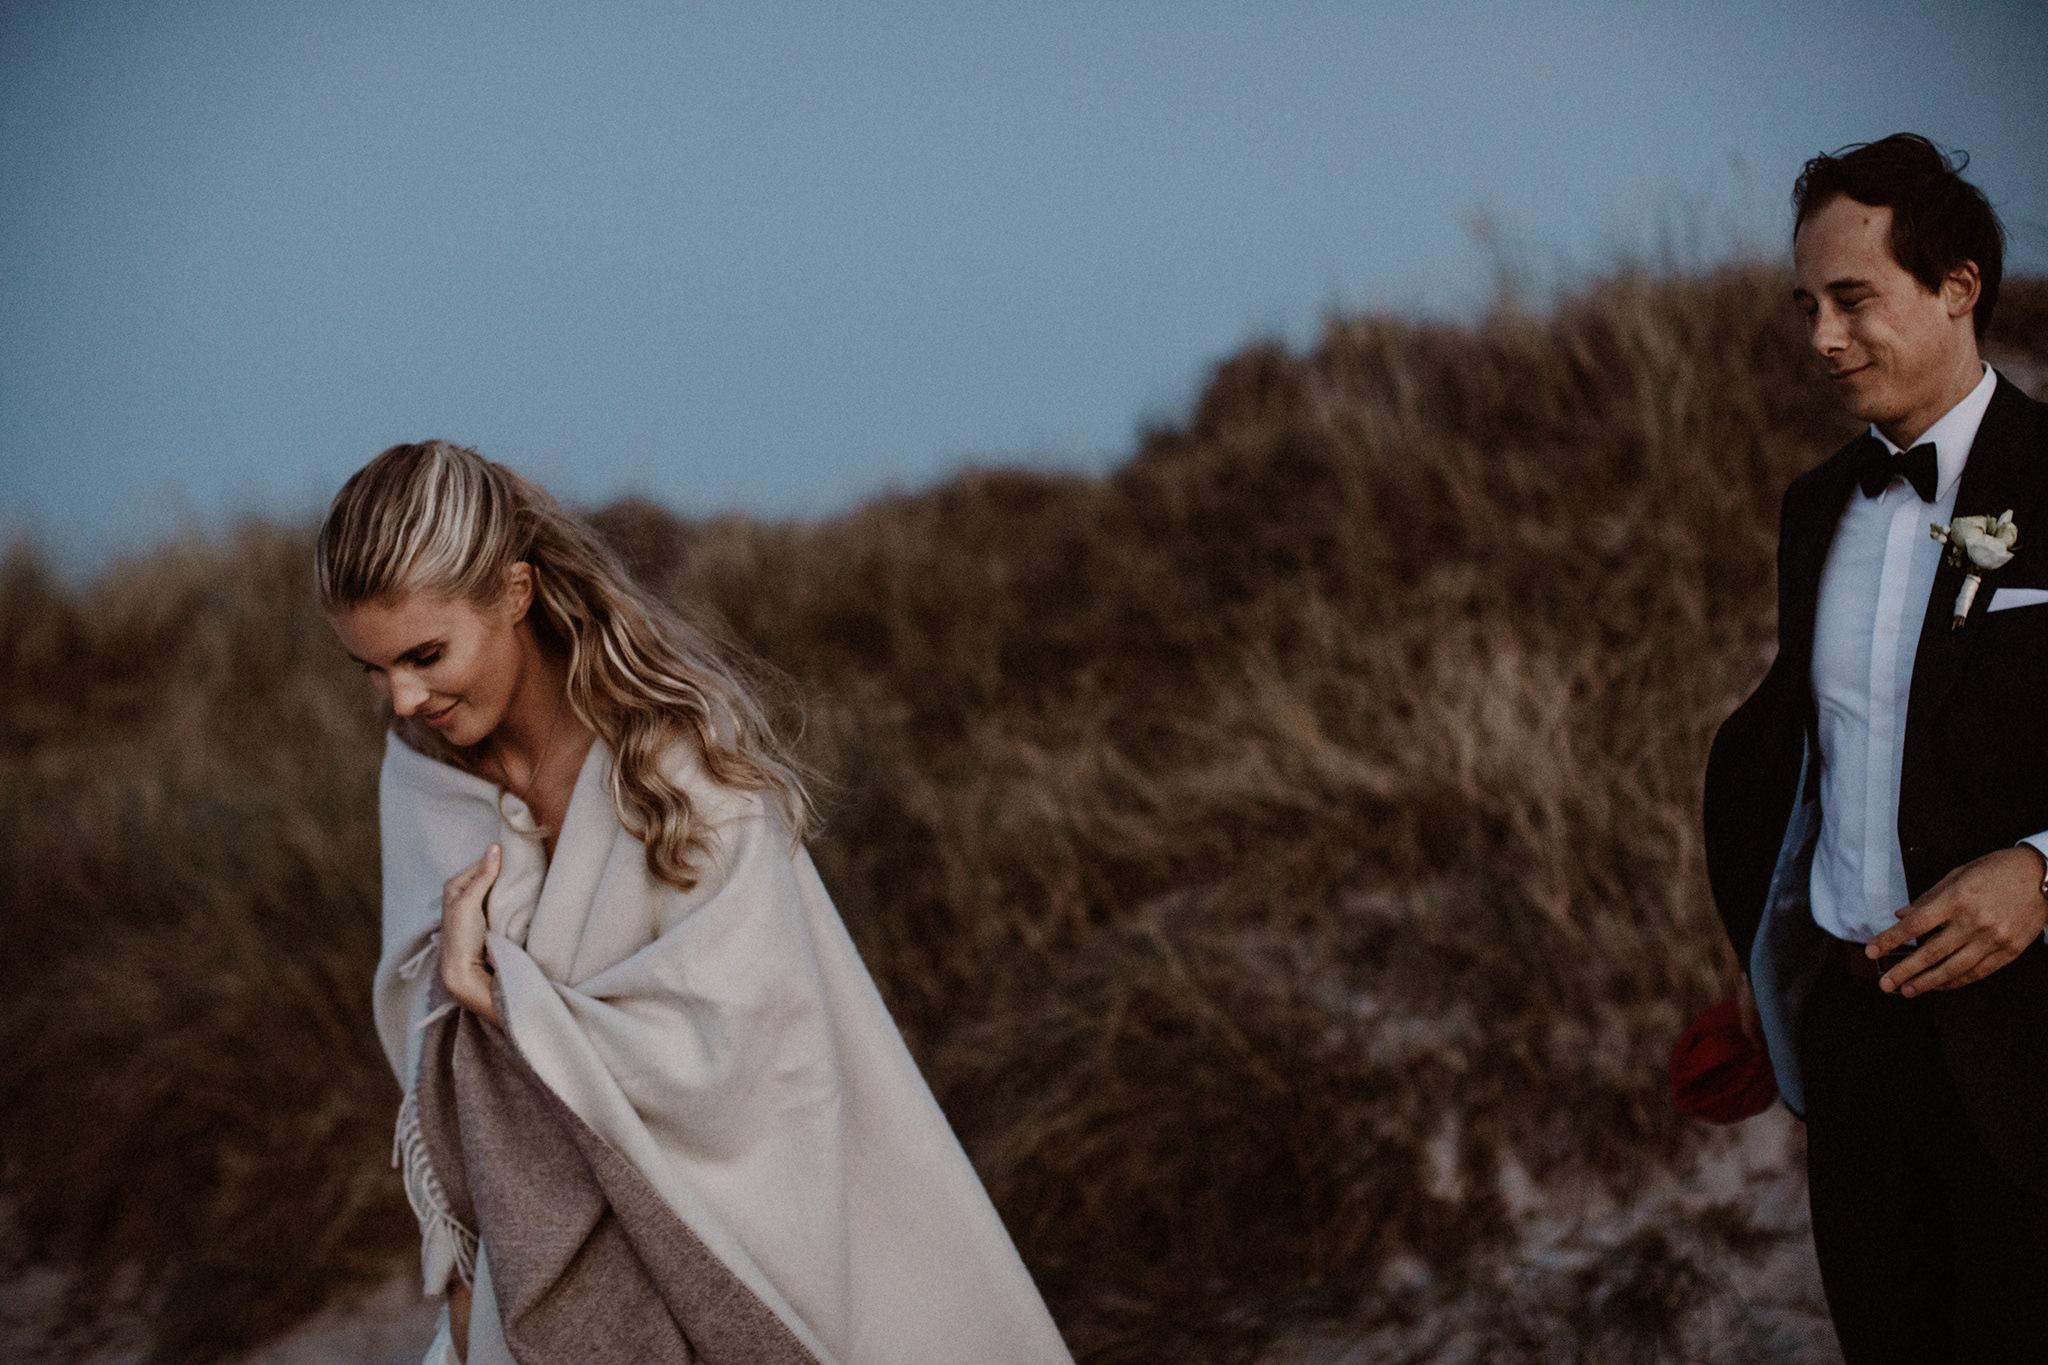 hochzeitsfotografie-kiel-norddeutschland-ostsee-afterwedding-58